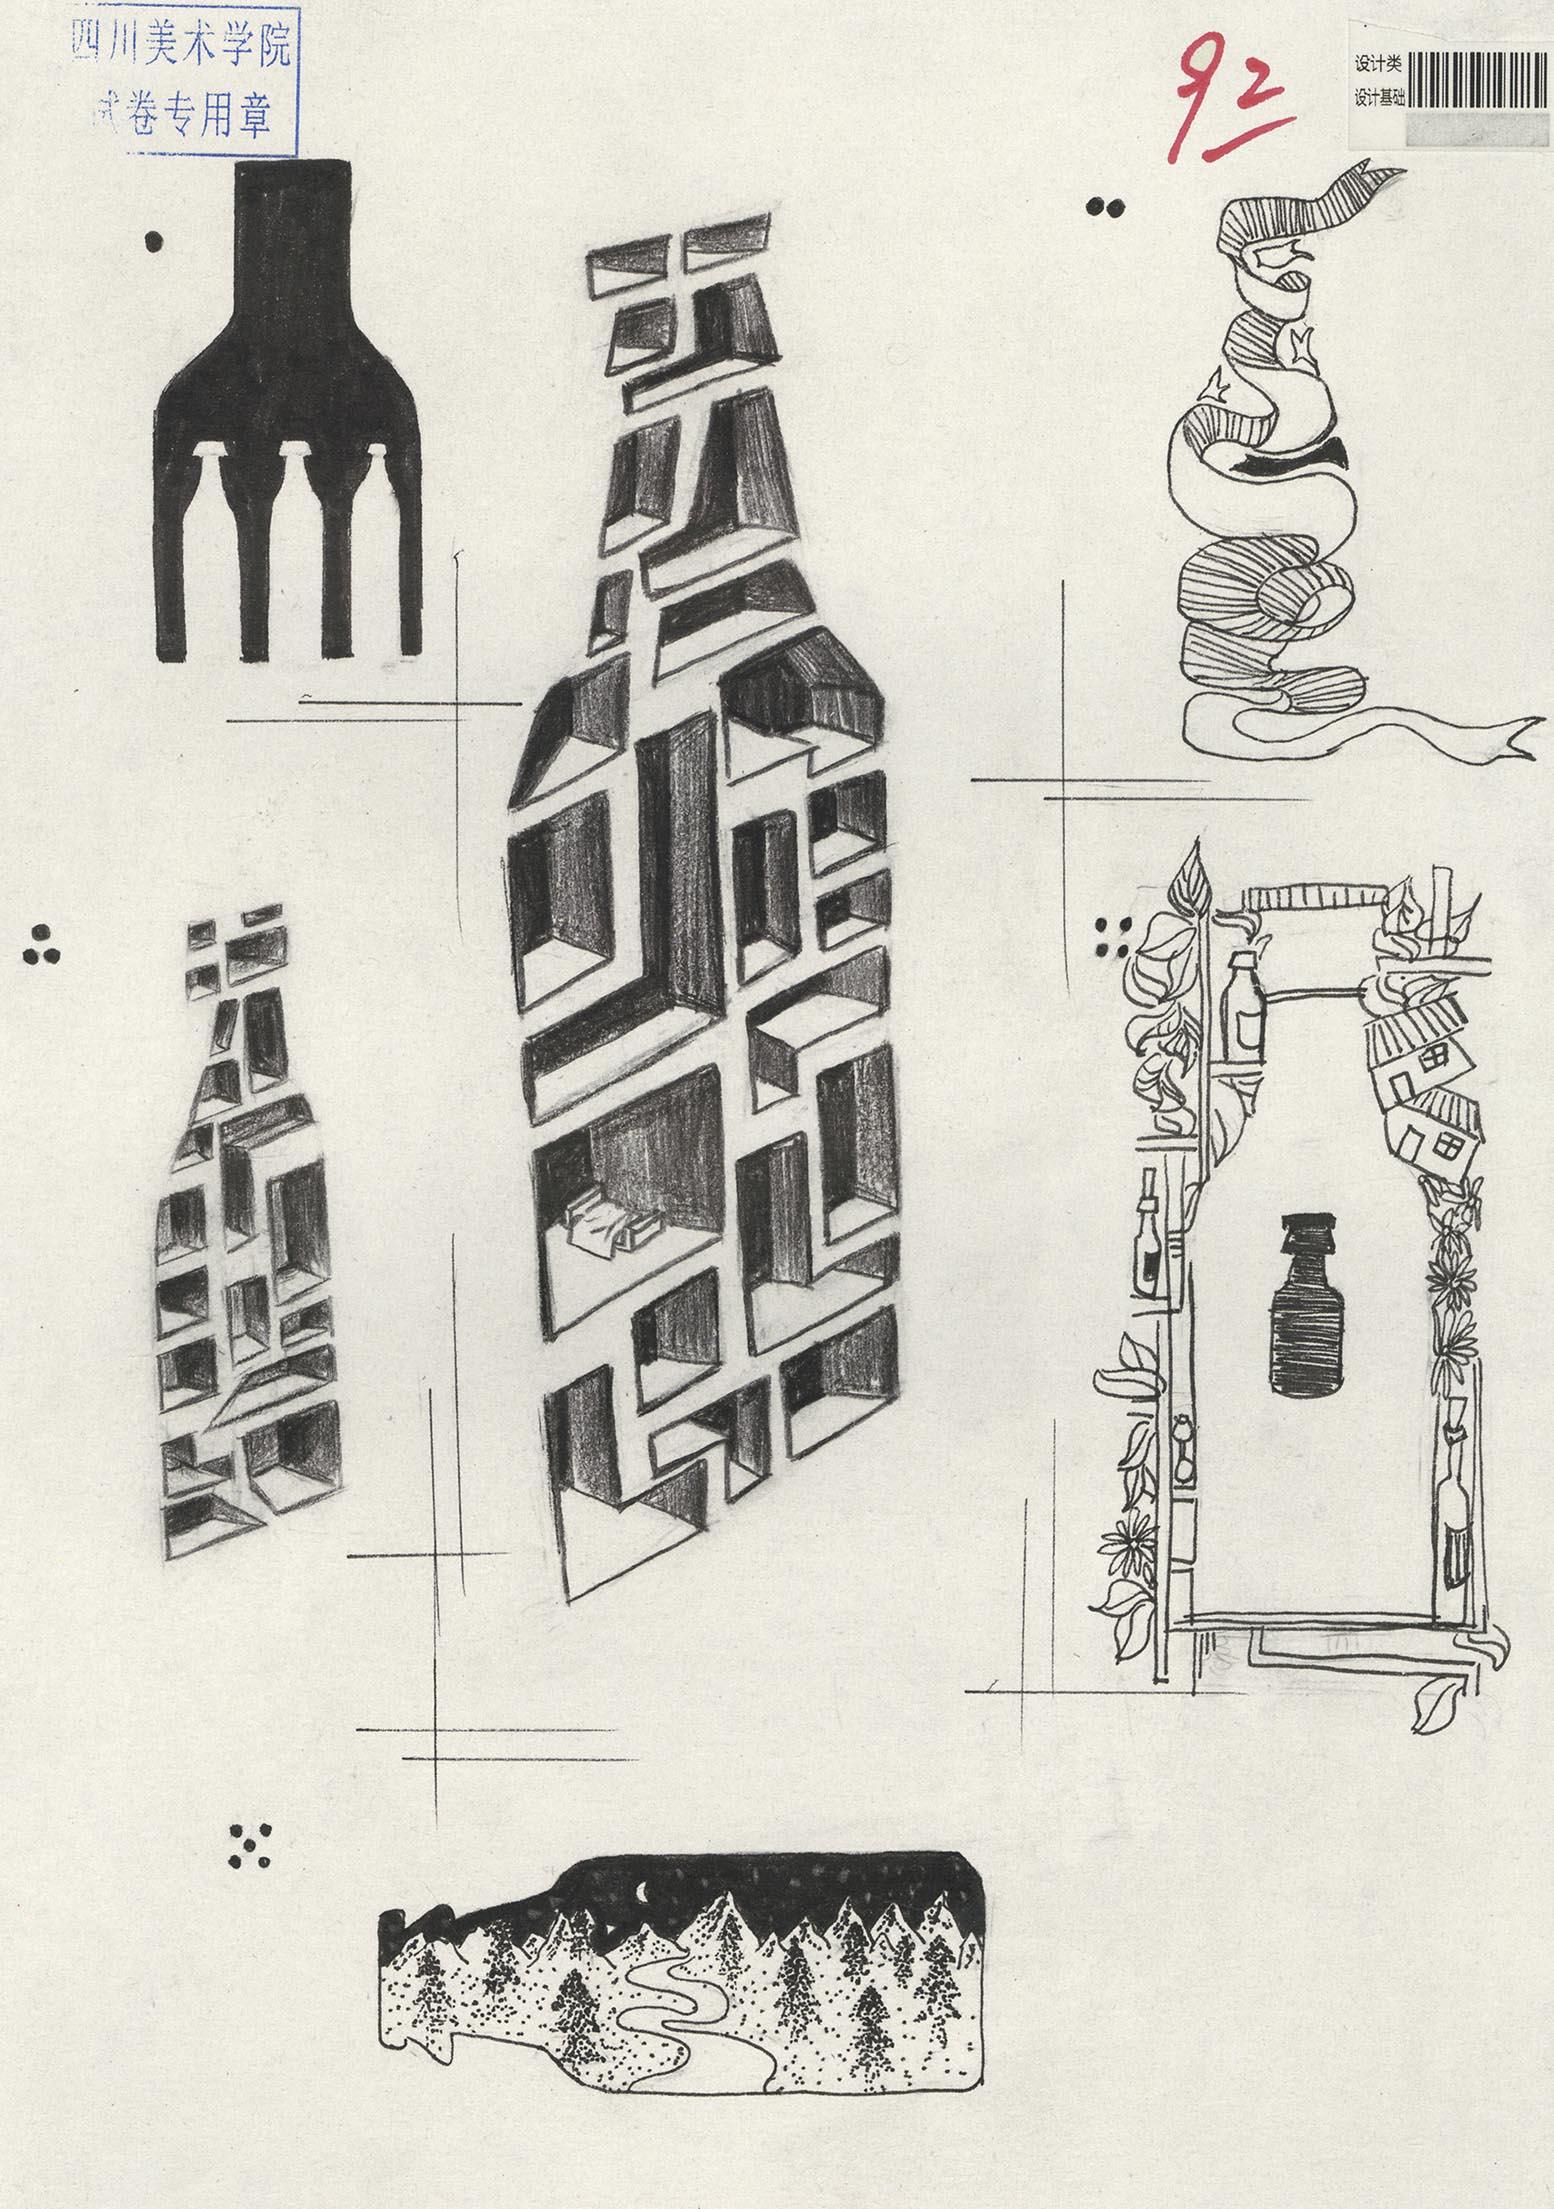 《解密高分卷-川美设计篇》之设计基础图片